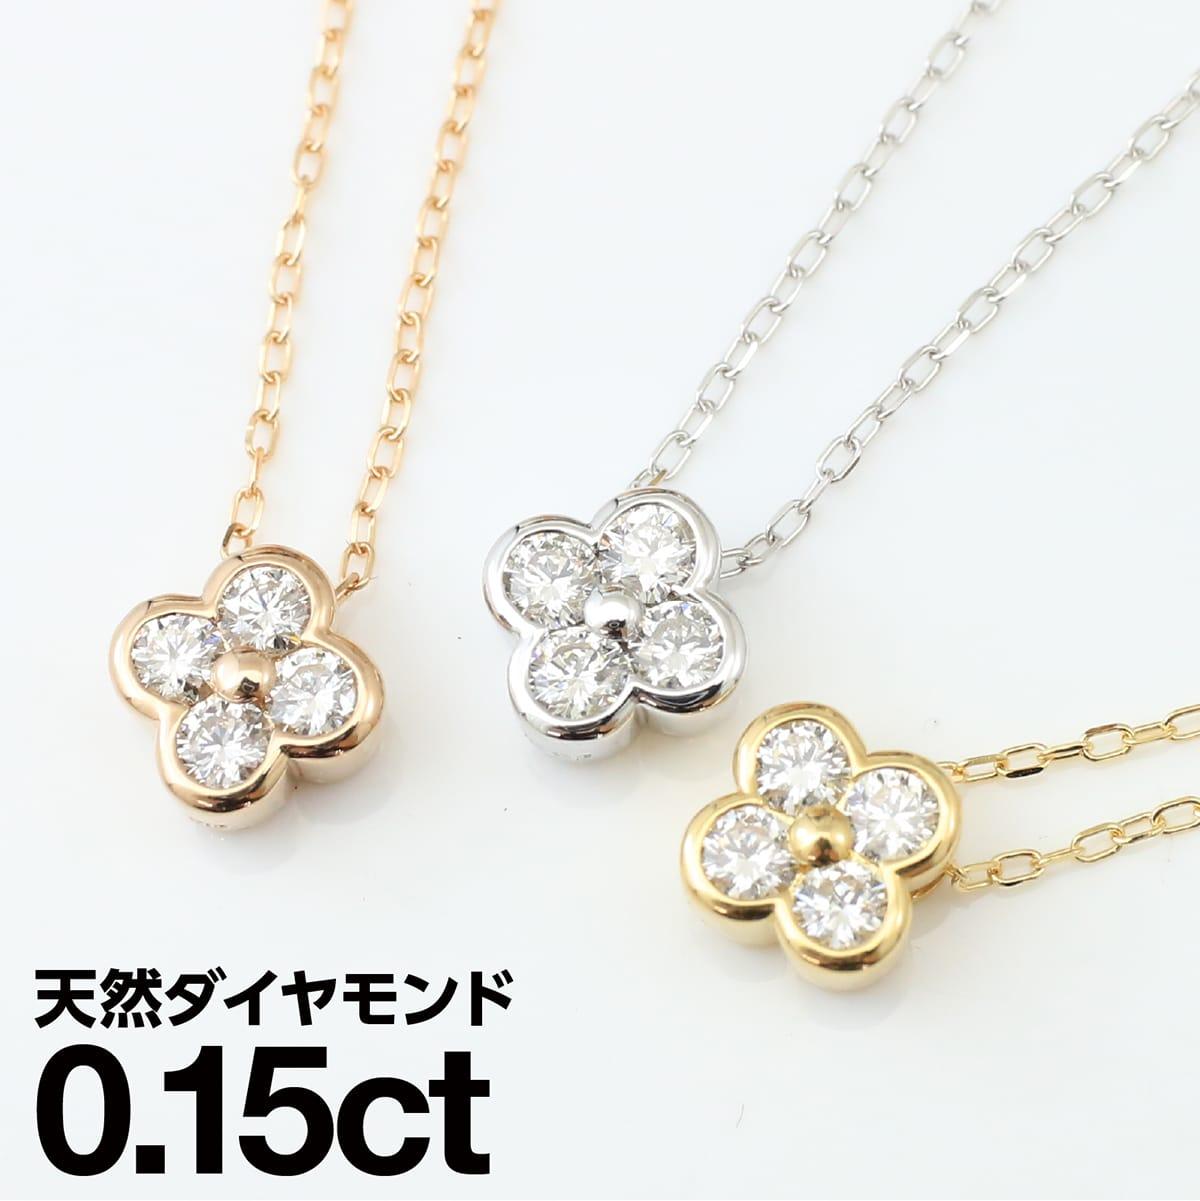 ダイヤモンド H&C ハートアンドキューピッド ネックレス プラチナ900 品質保証書 金属アレルギー 日本製 新生活 ギフト